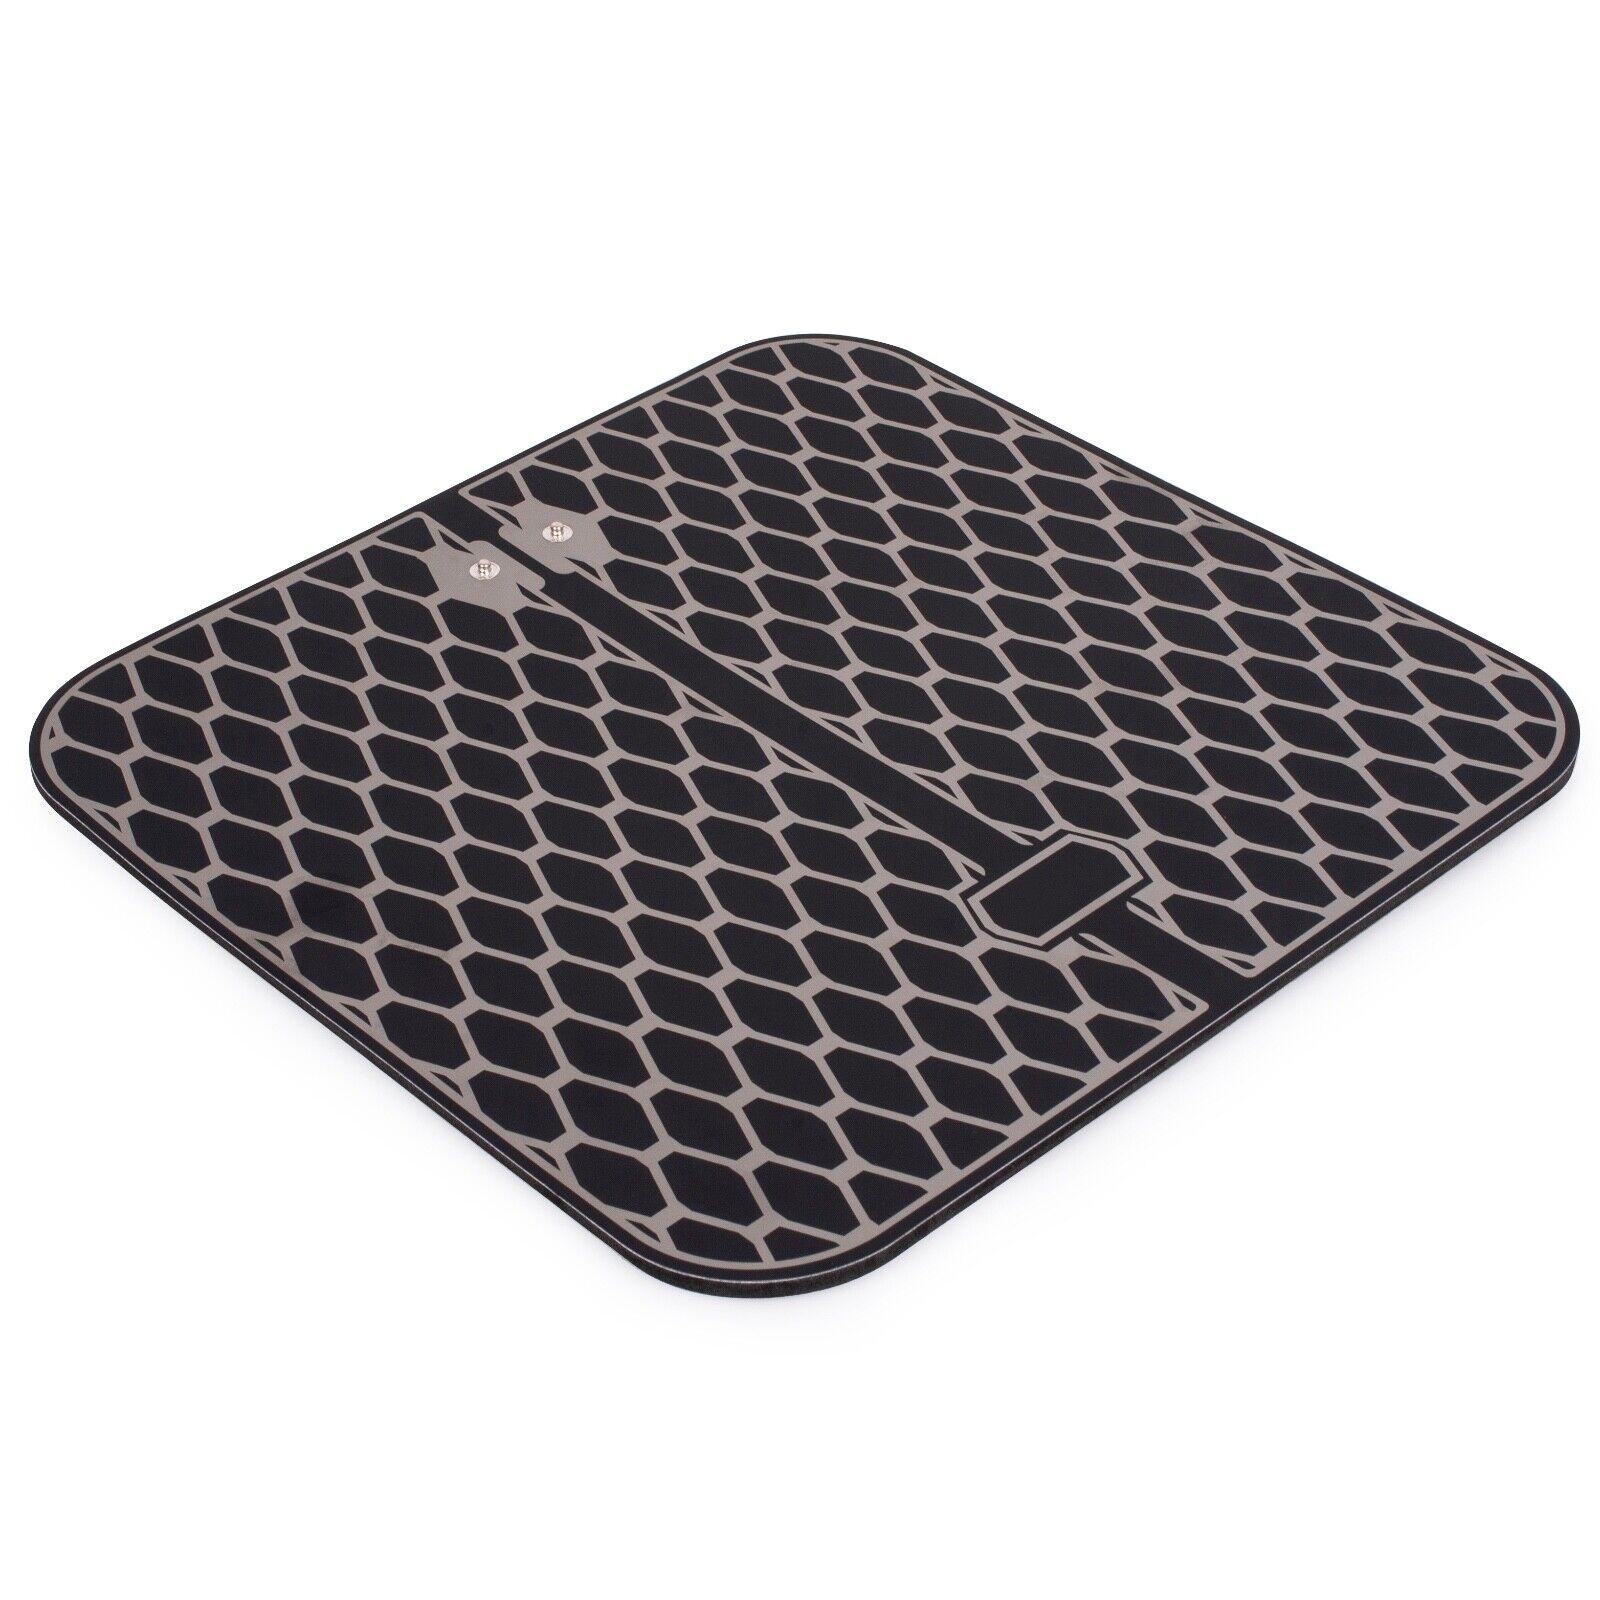 ems tens foot massager pad mat attachment